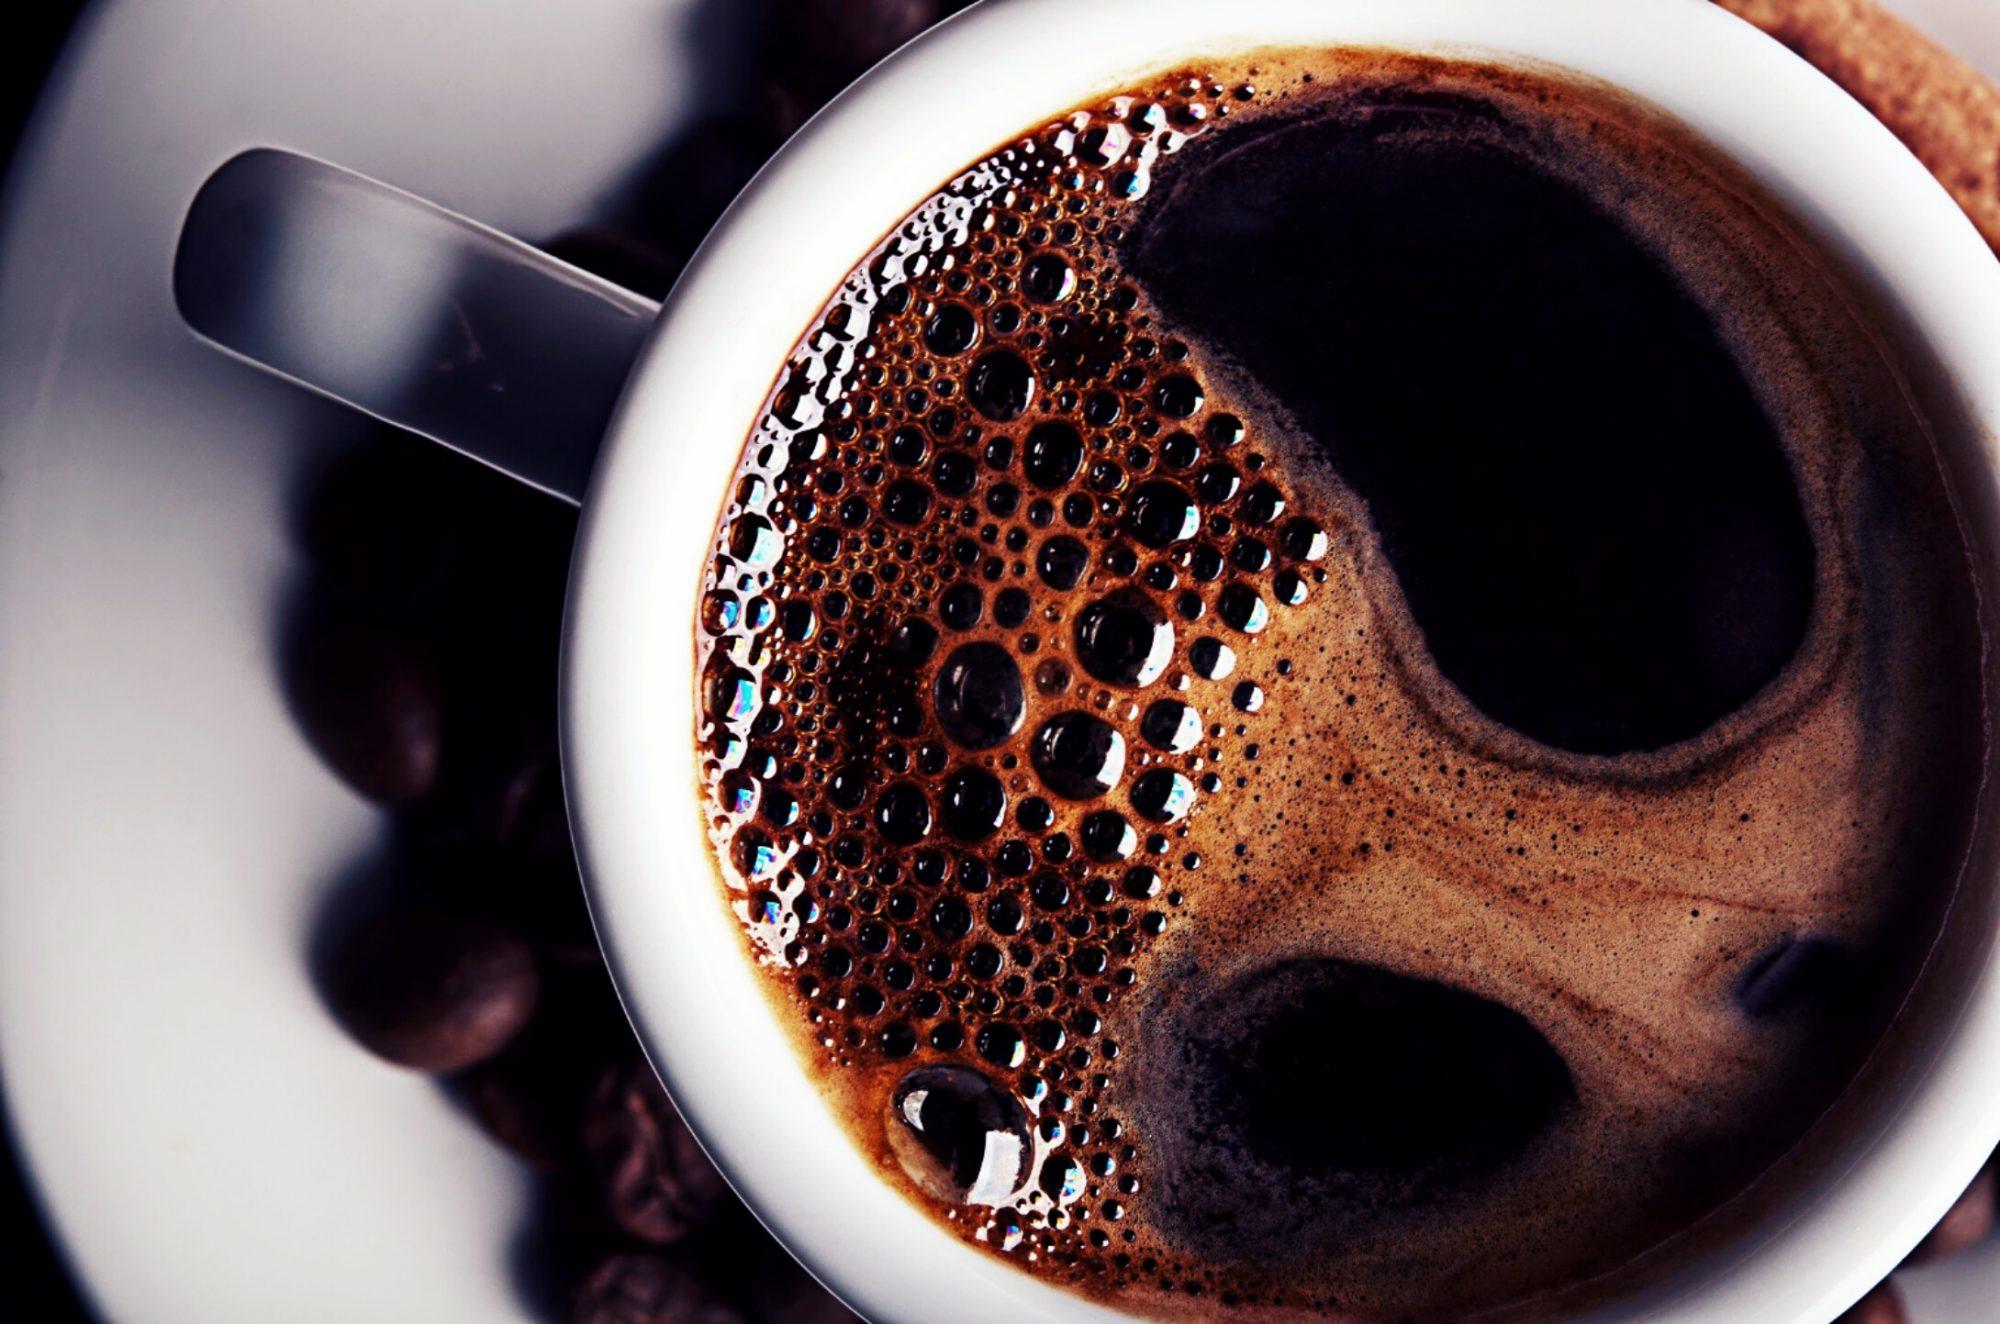 gettycoffee072720